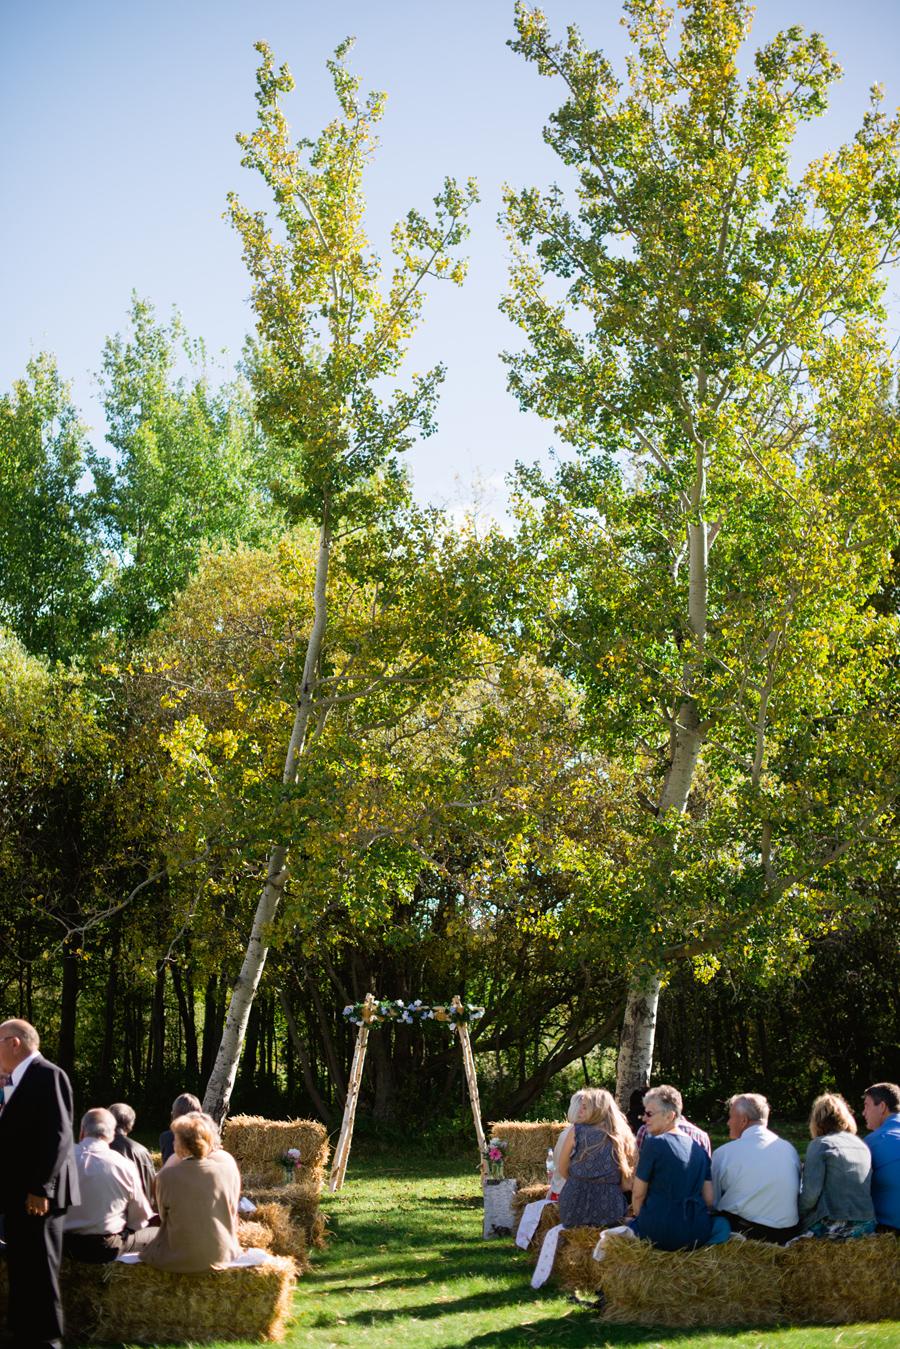 bbcollective_yeg_2016_dawniaandjeffrey_wedding_photography047.jpg